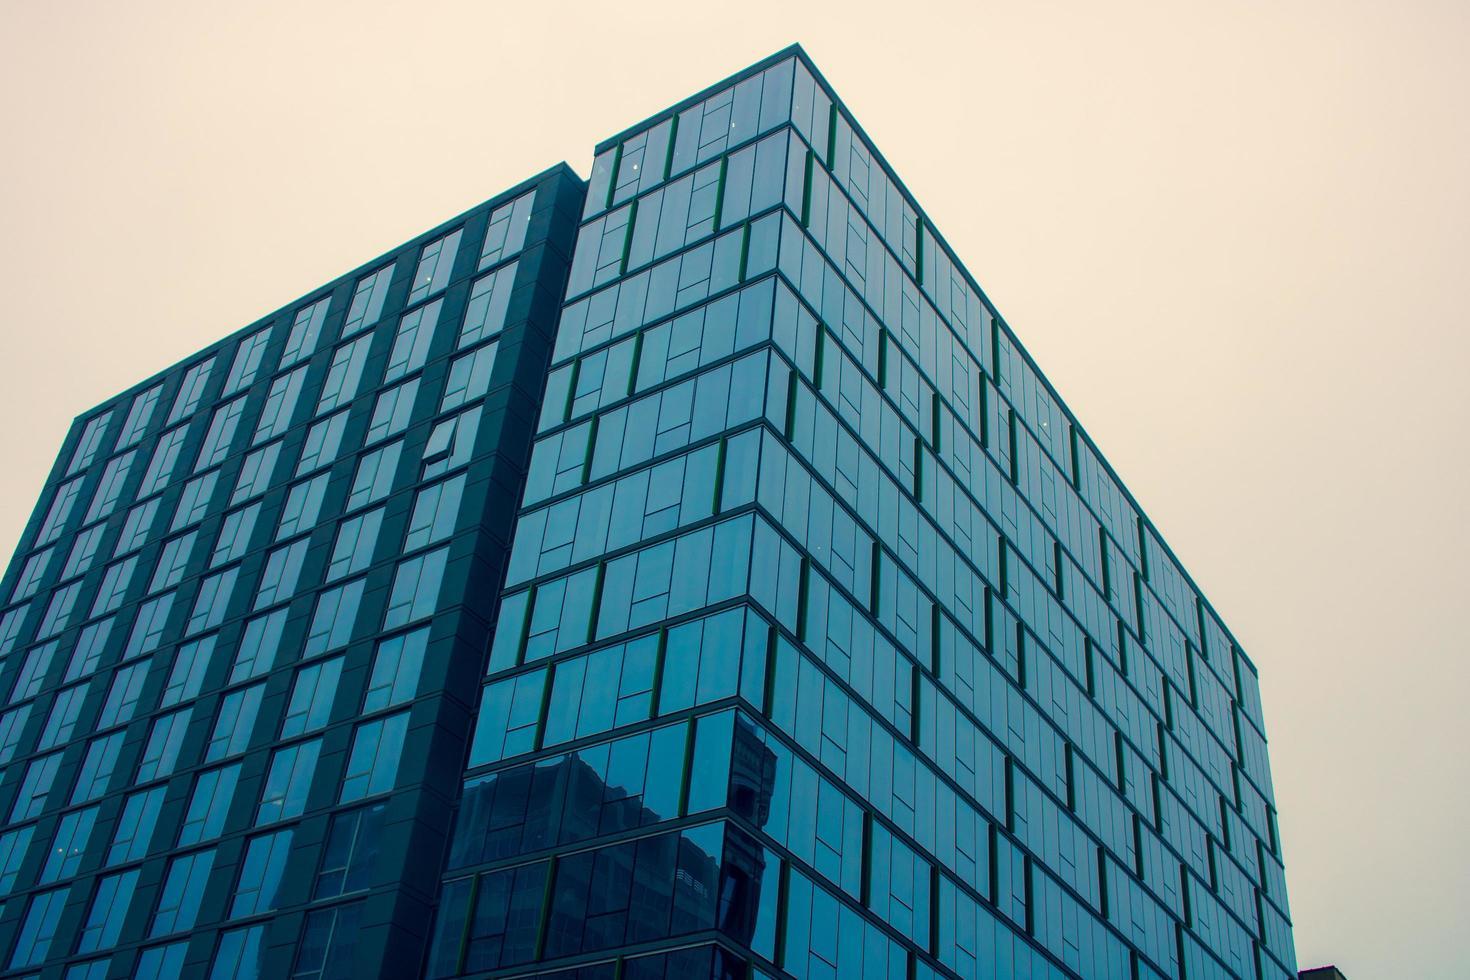 immeuble de grande hauteur avec fenêtres en verre photo